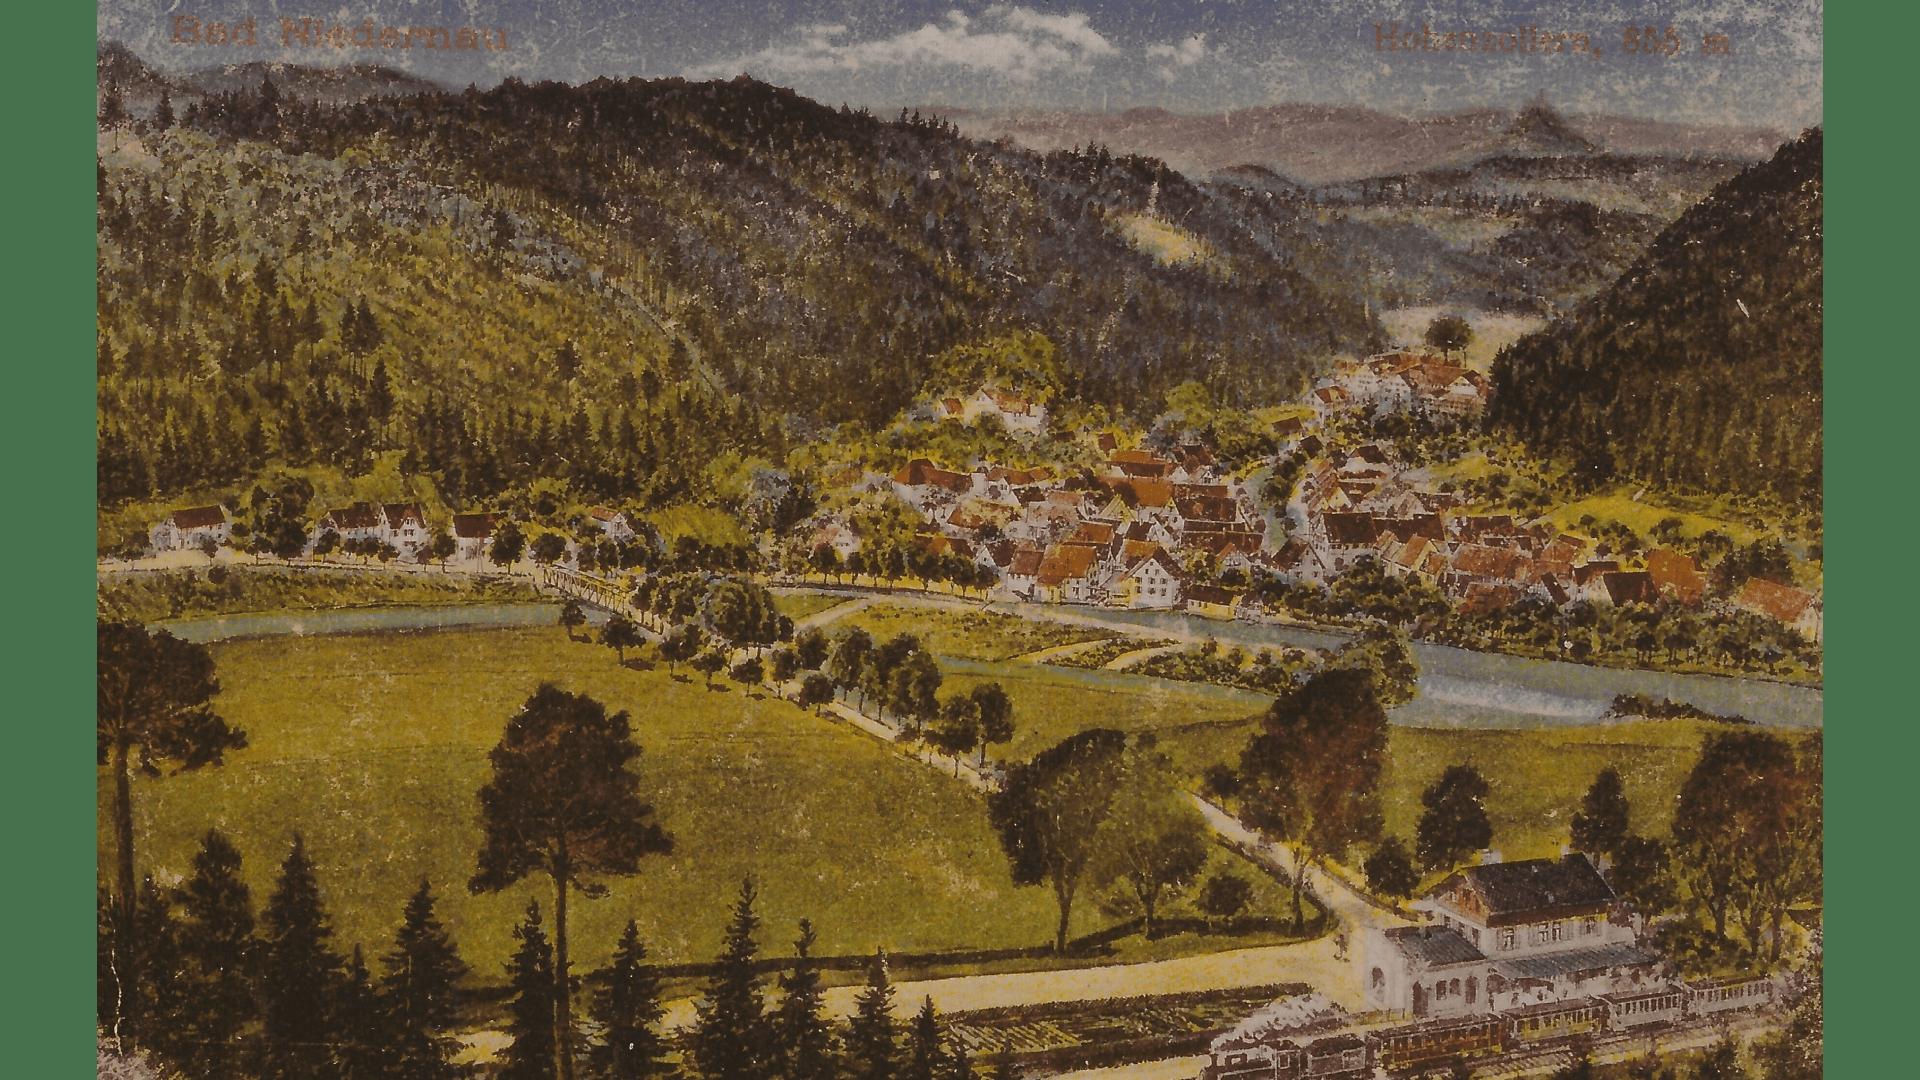 Historische Aufnahme B. Niedernau 1864 -Eröffnung der Bahnstrecke Rottenburg-Eyhach- Foto:  Archiv Arme Schulschwestern